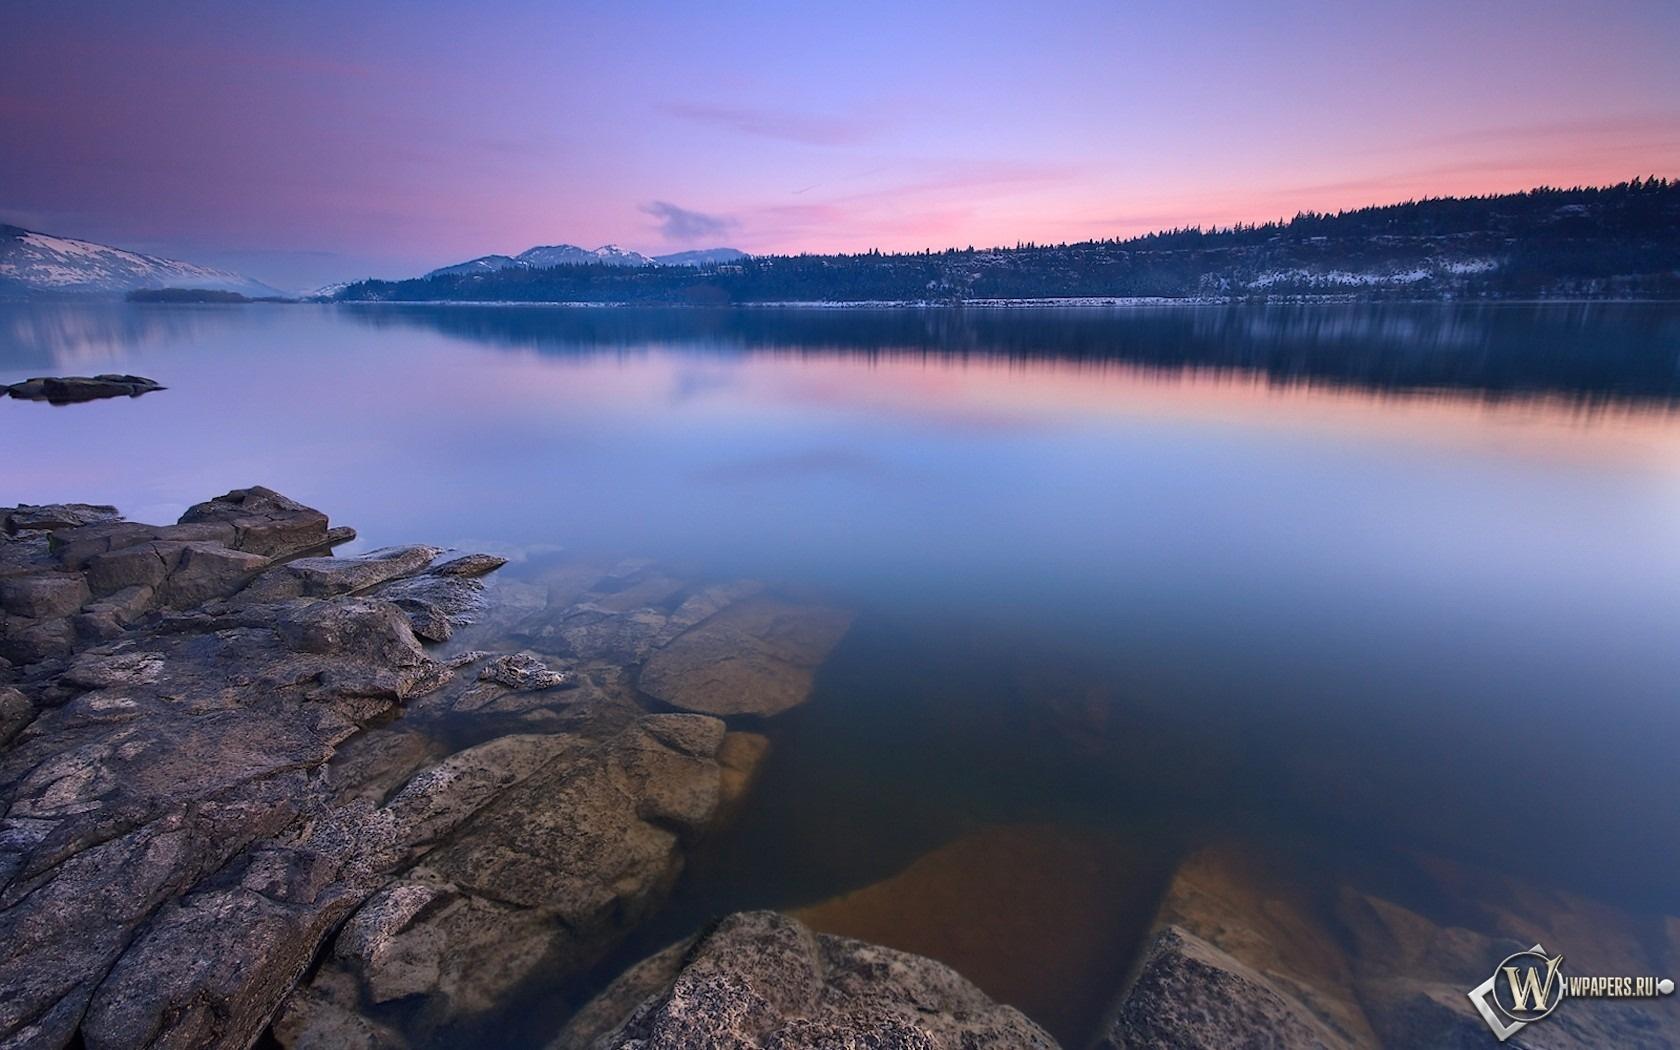 Каменистый берег озера 1680x1050